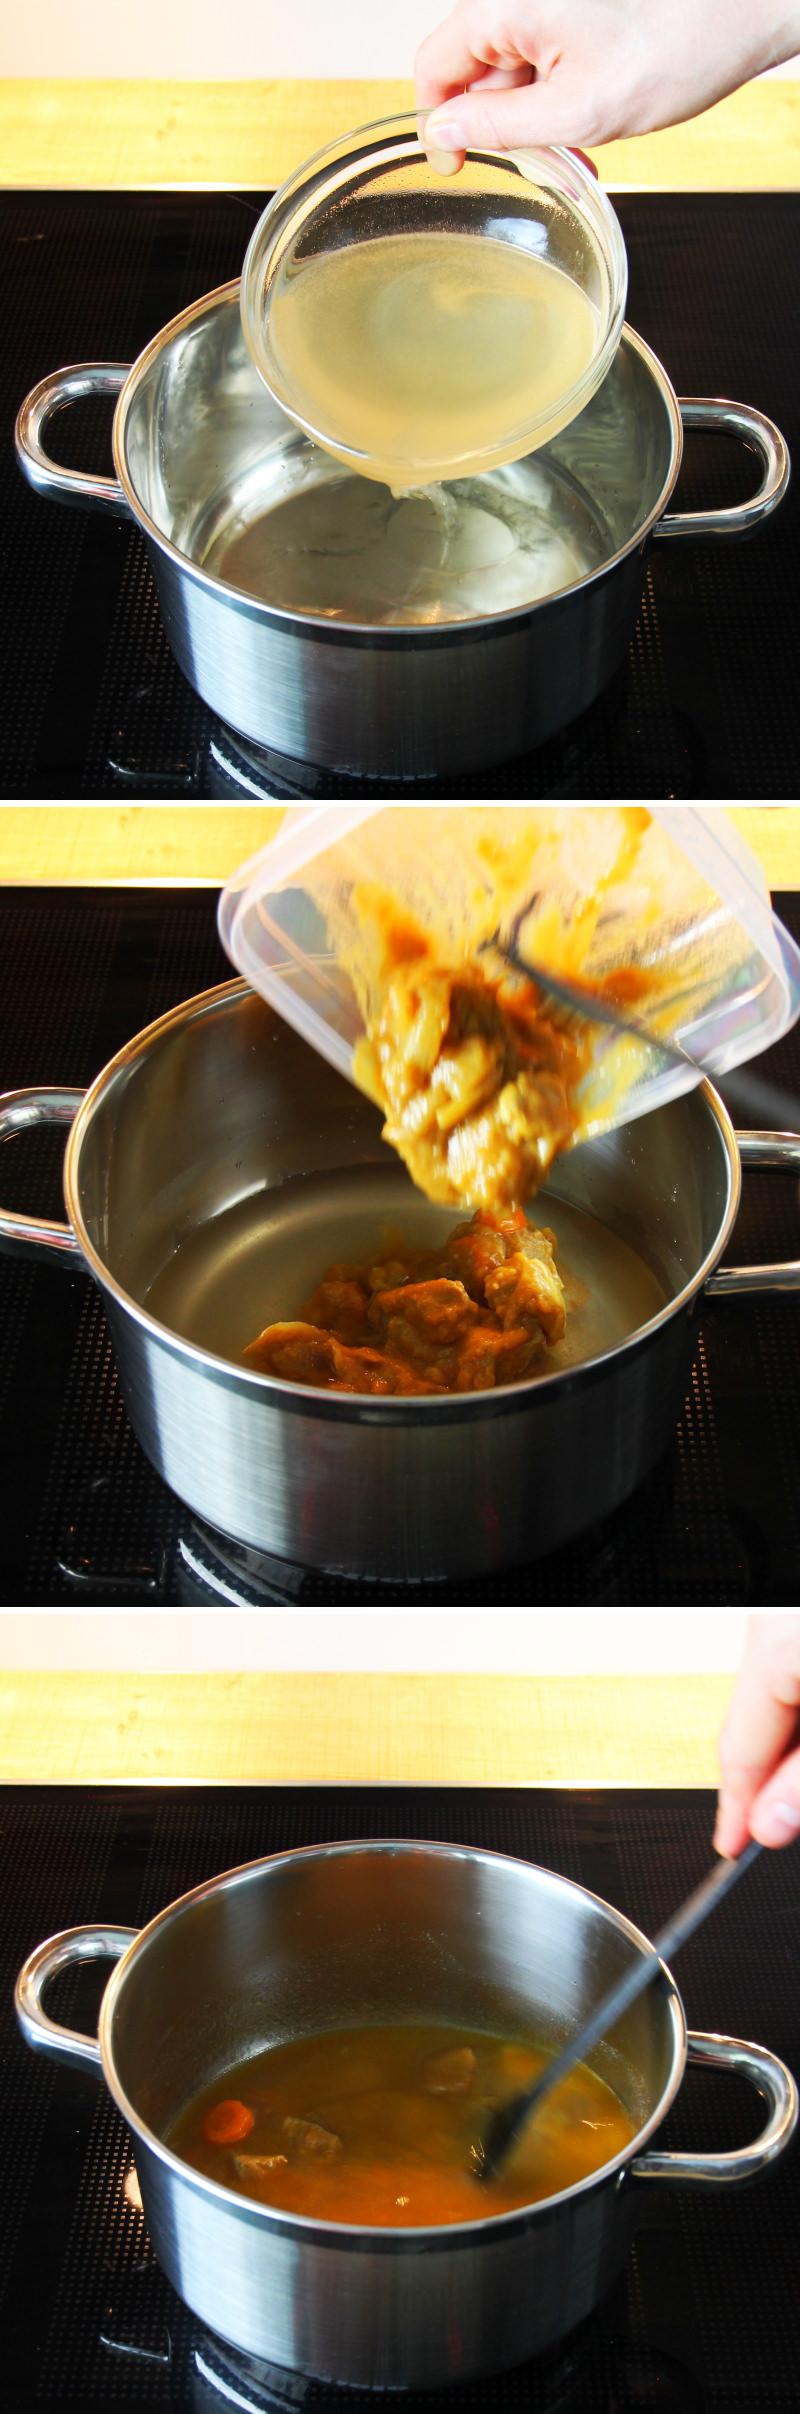 Kare Udon Schritt 3 Currysuppe zubereiten